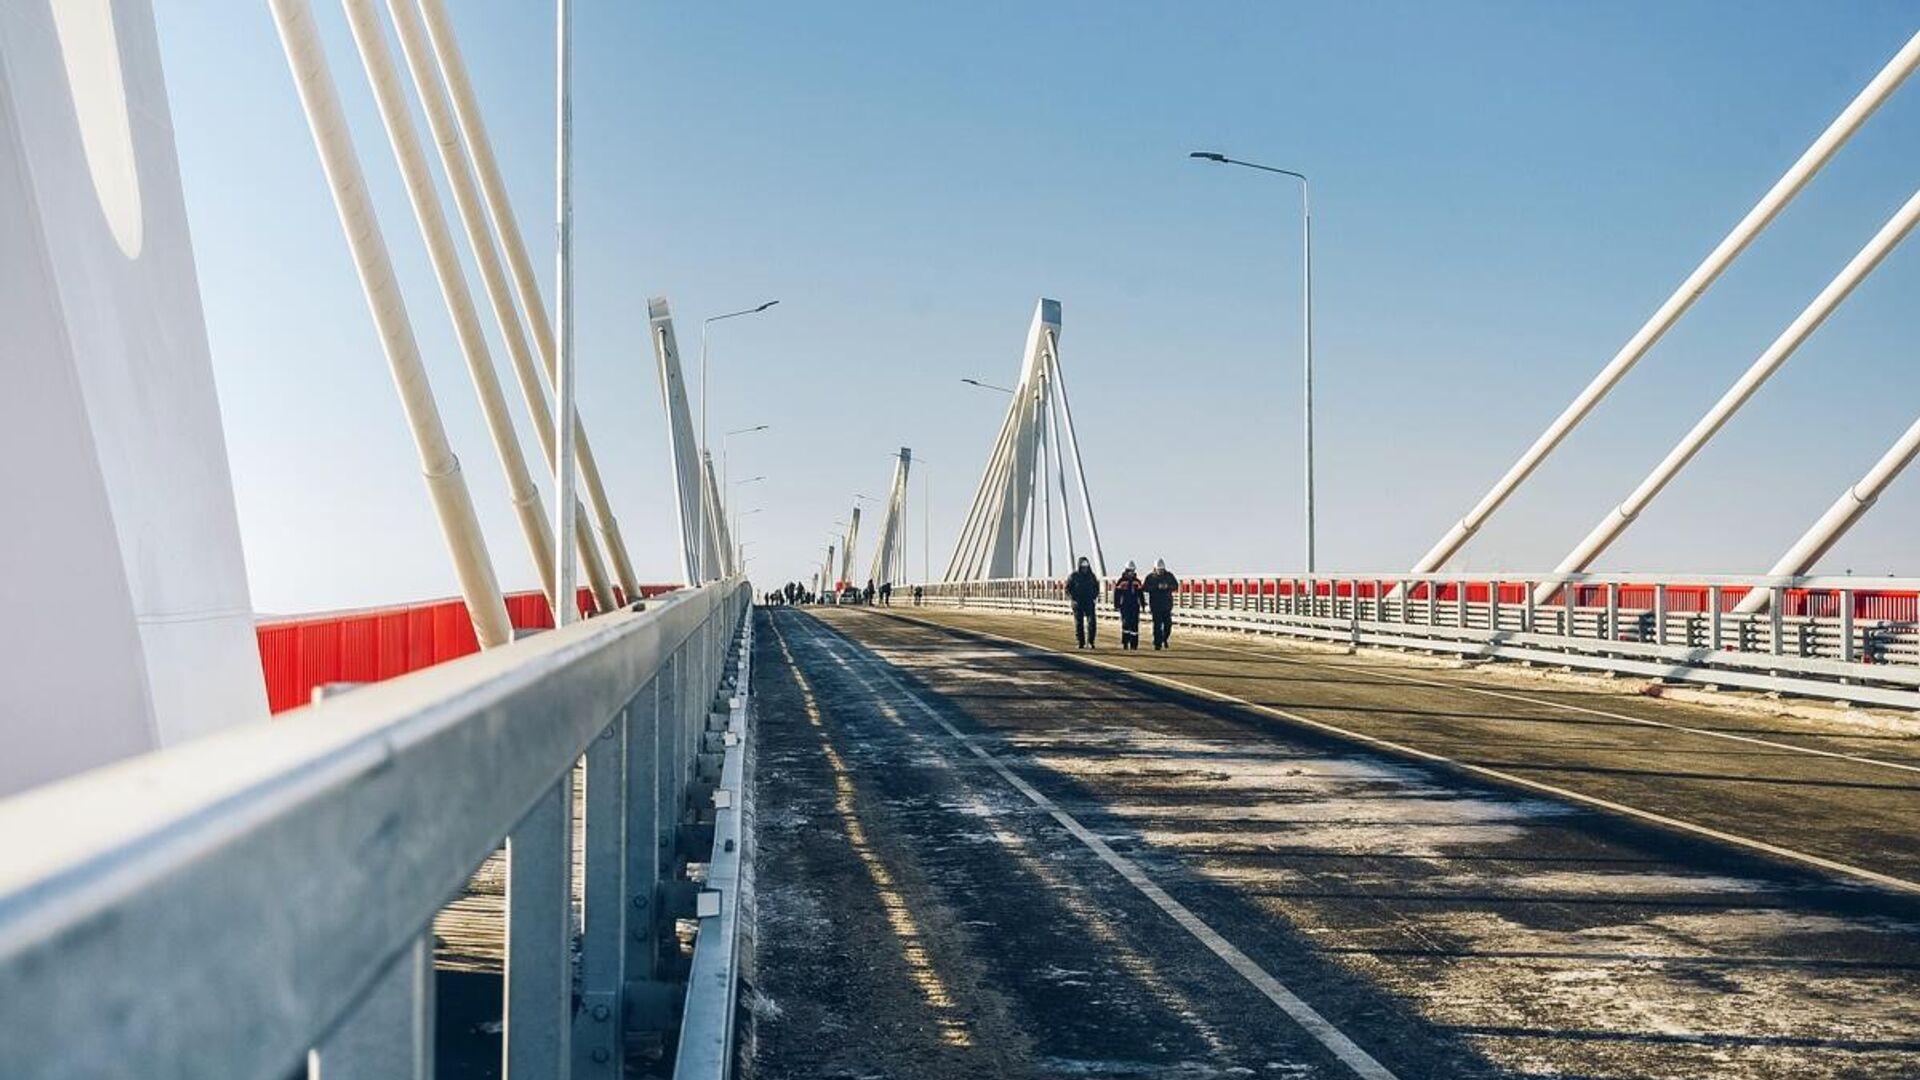 Новый мост через Амур из России в Китай в Благовещенске - РИА Новости, 1920, 03.01.2021